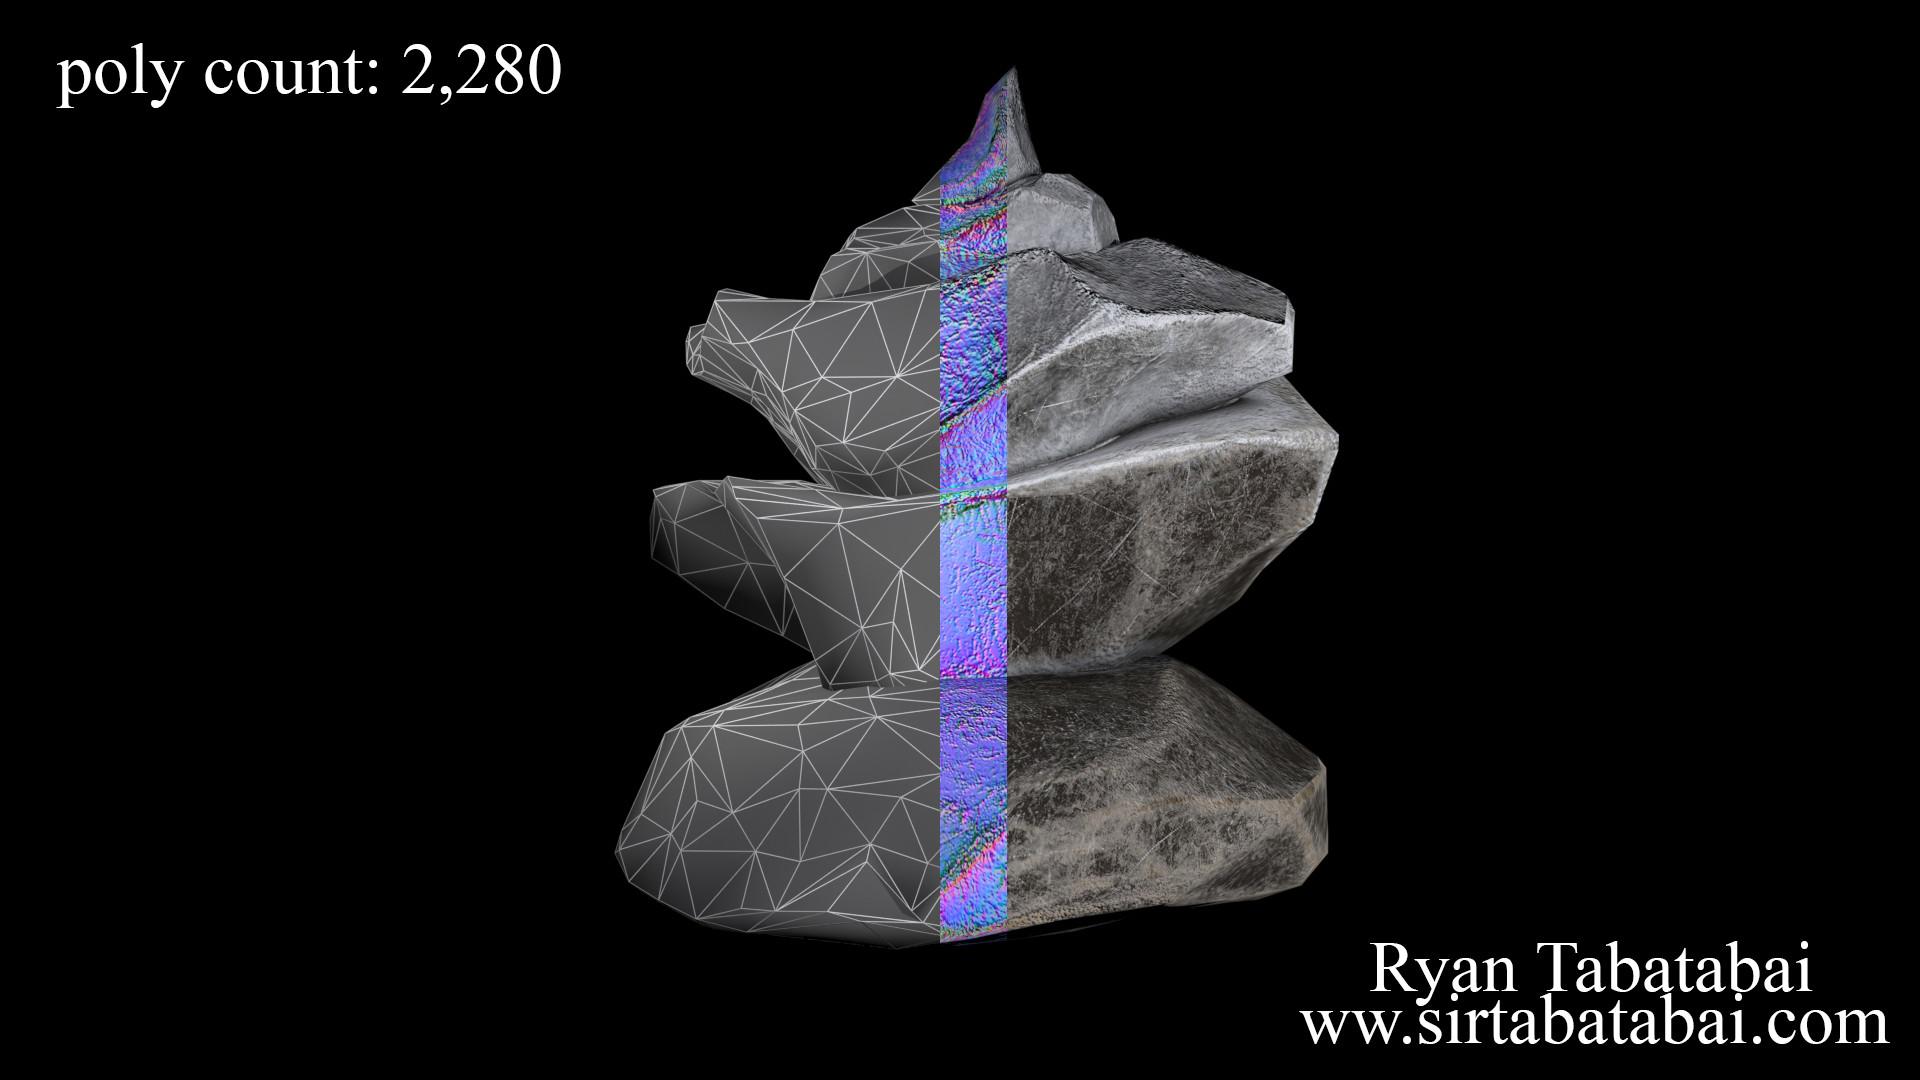 Ryan tabatabai rocks